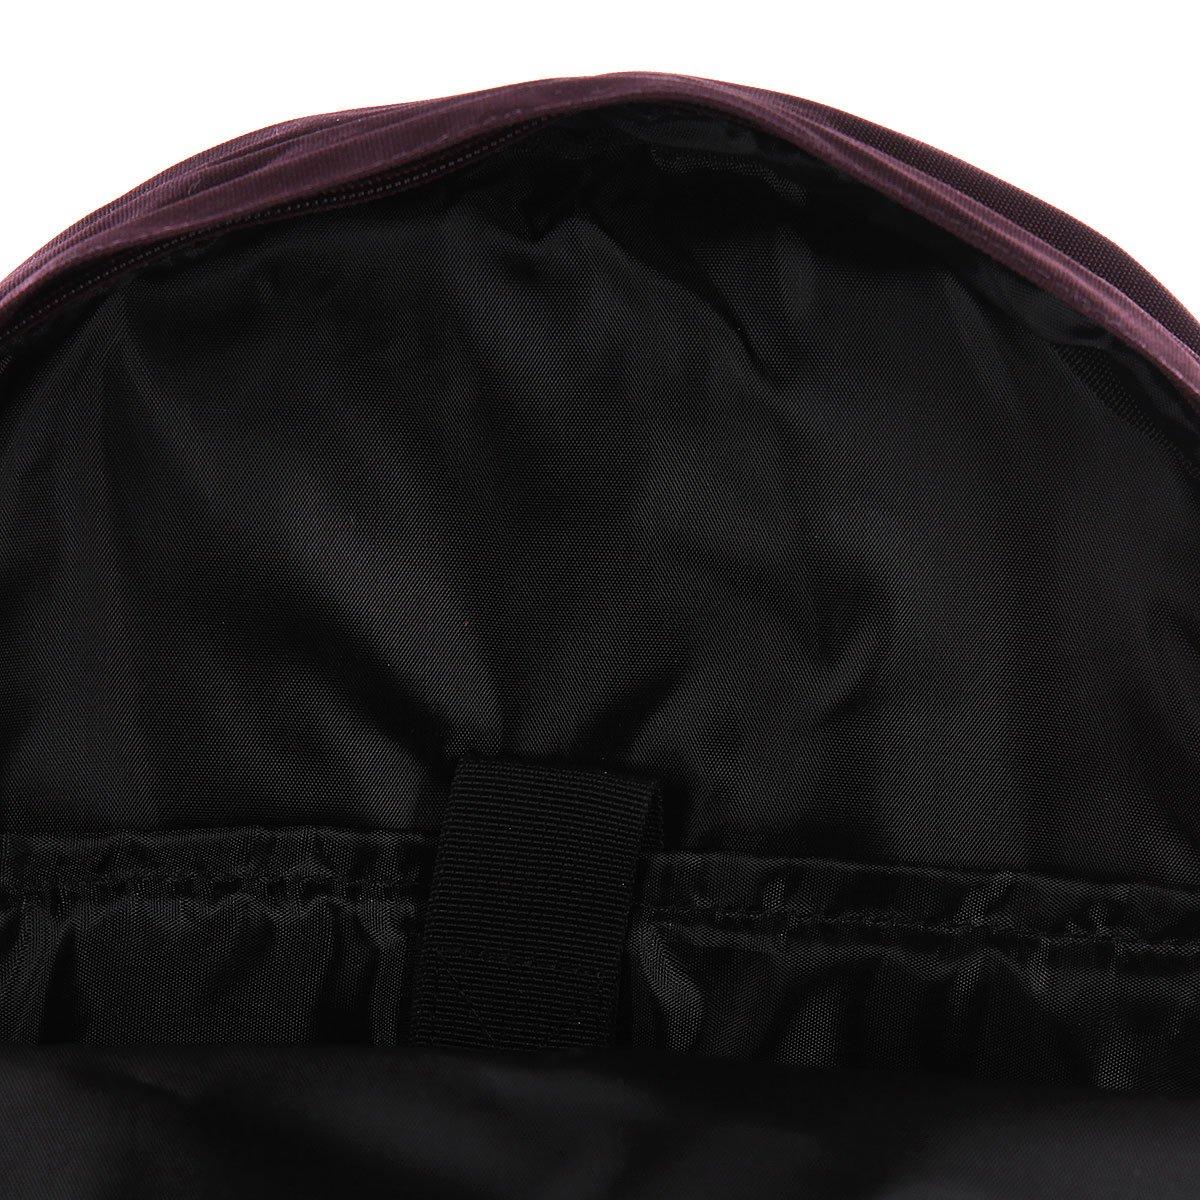 Рюкзак billabong raider backpack dark plum рюкзак заяц из натурального меха